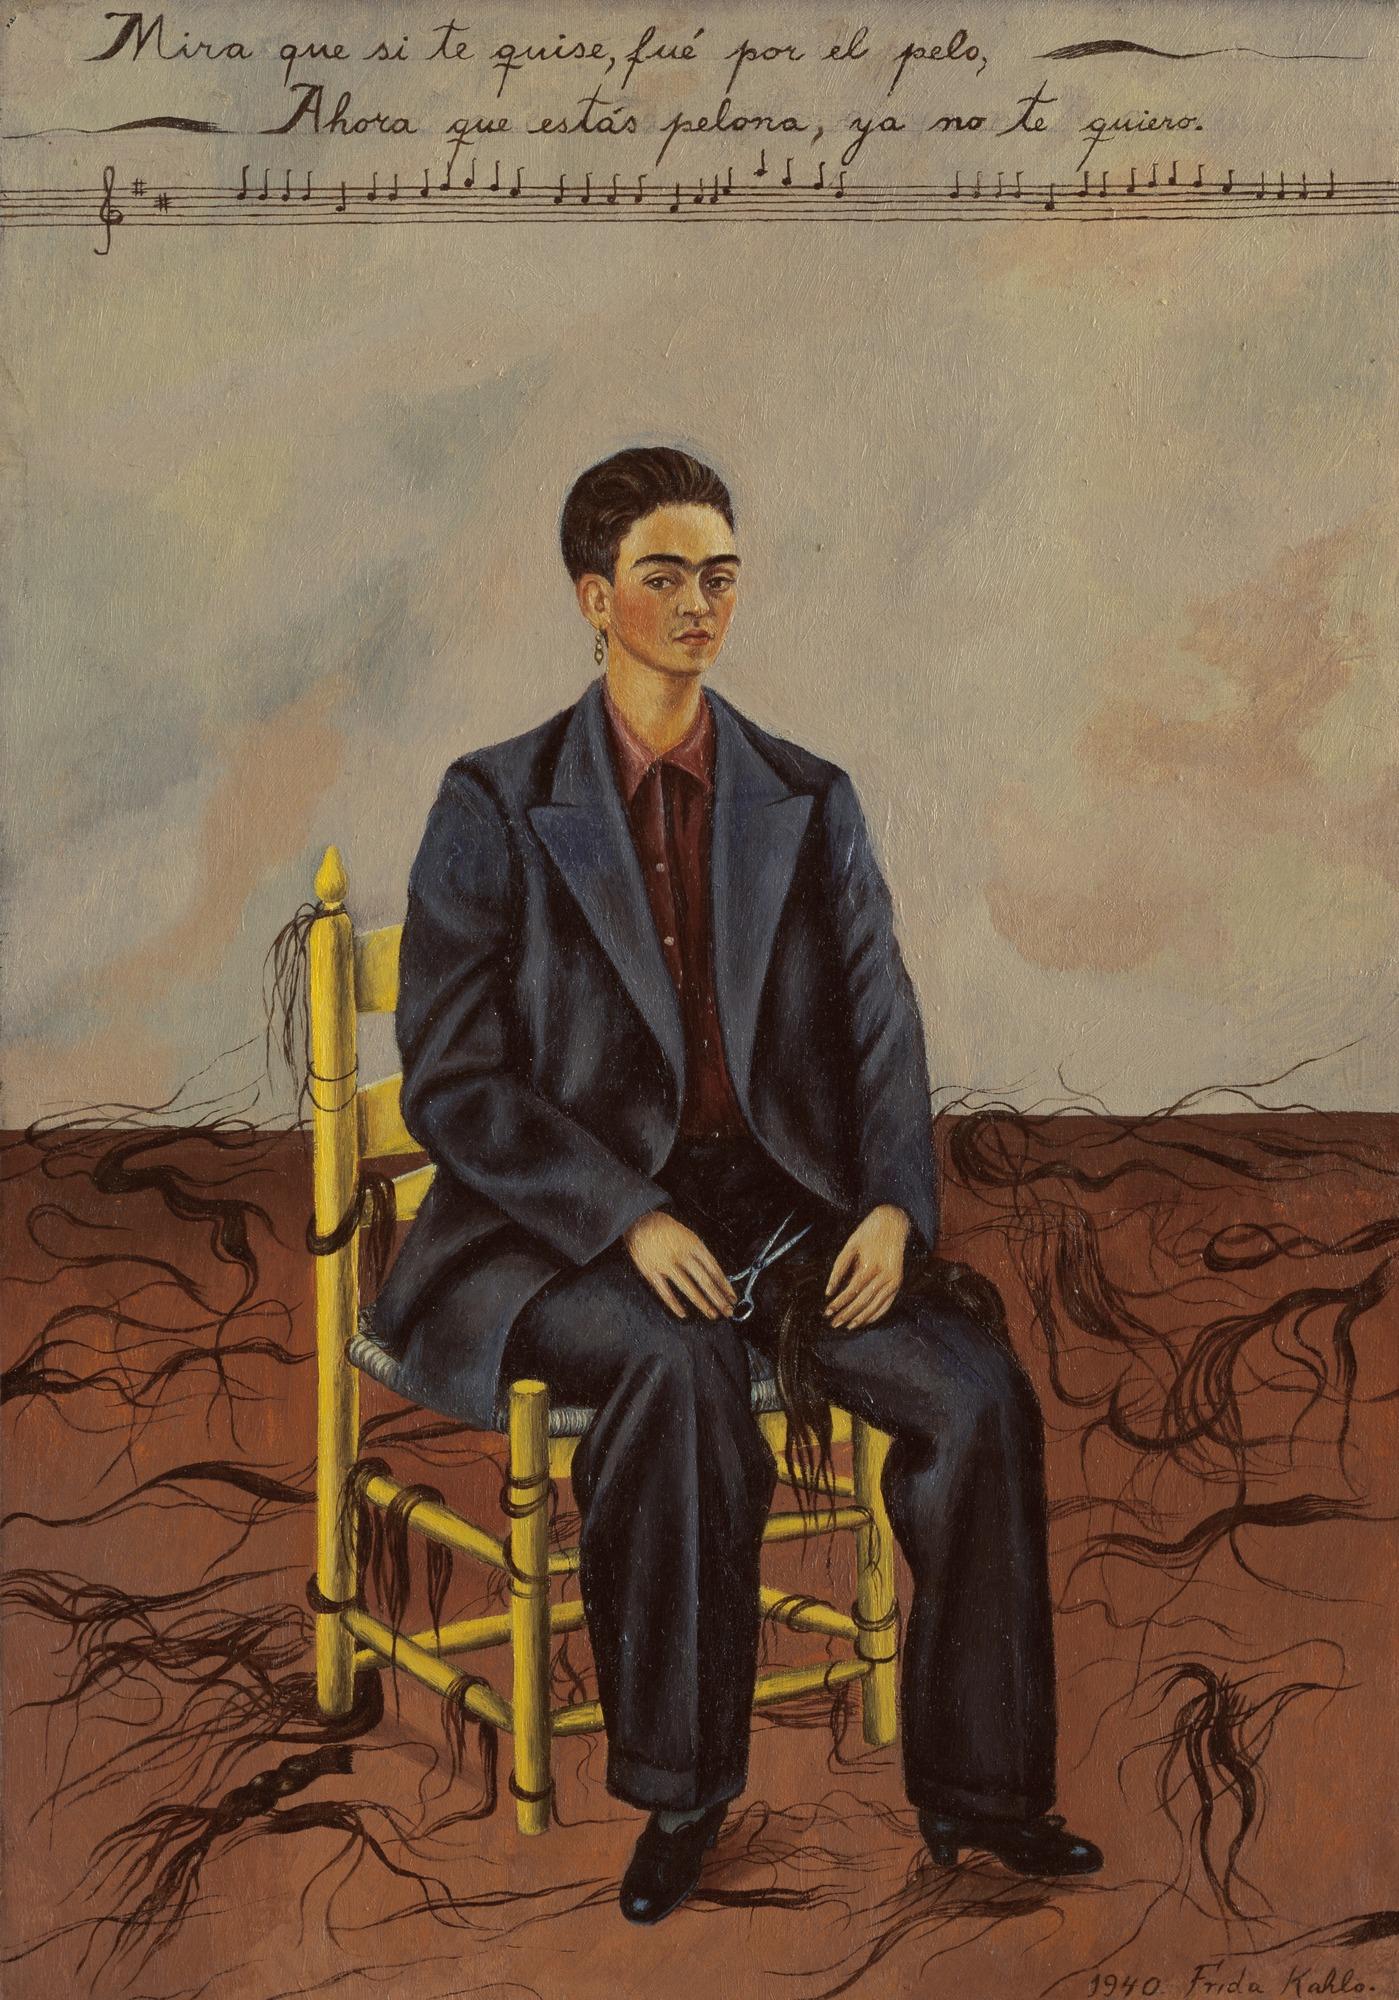 Zelfportret met afgeknipt haar door Frida Kahlo, 1940